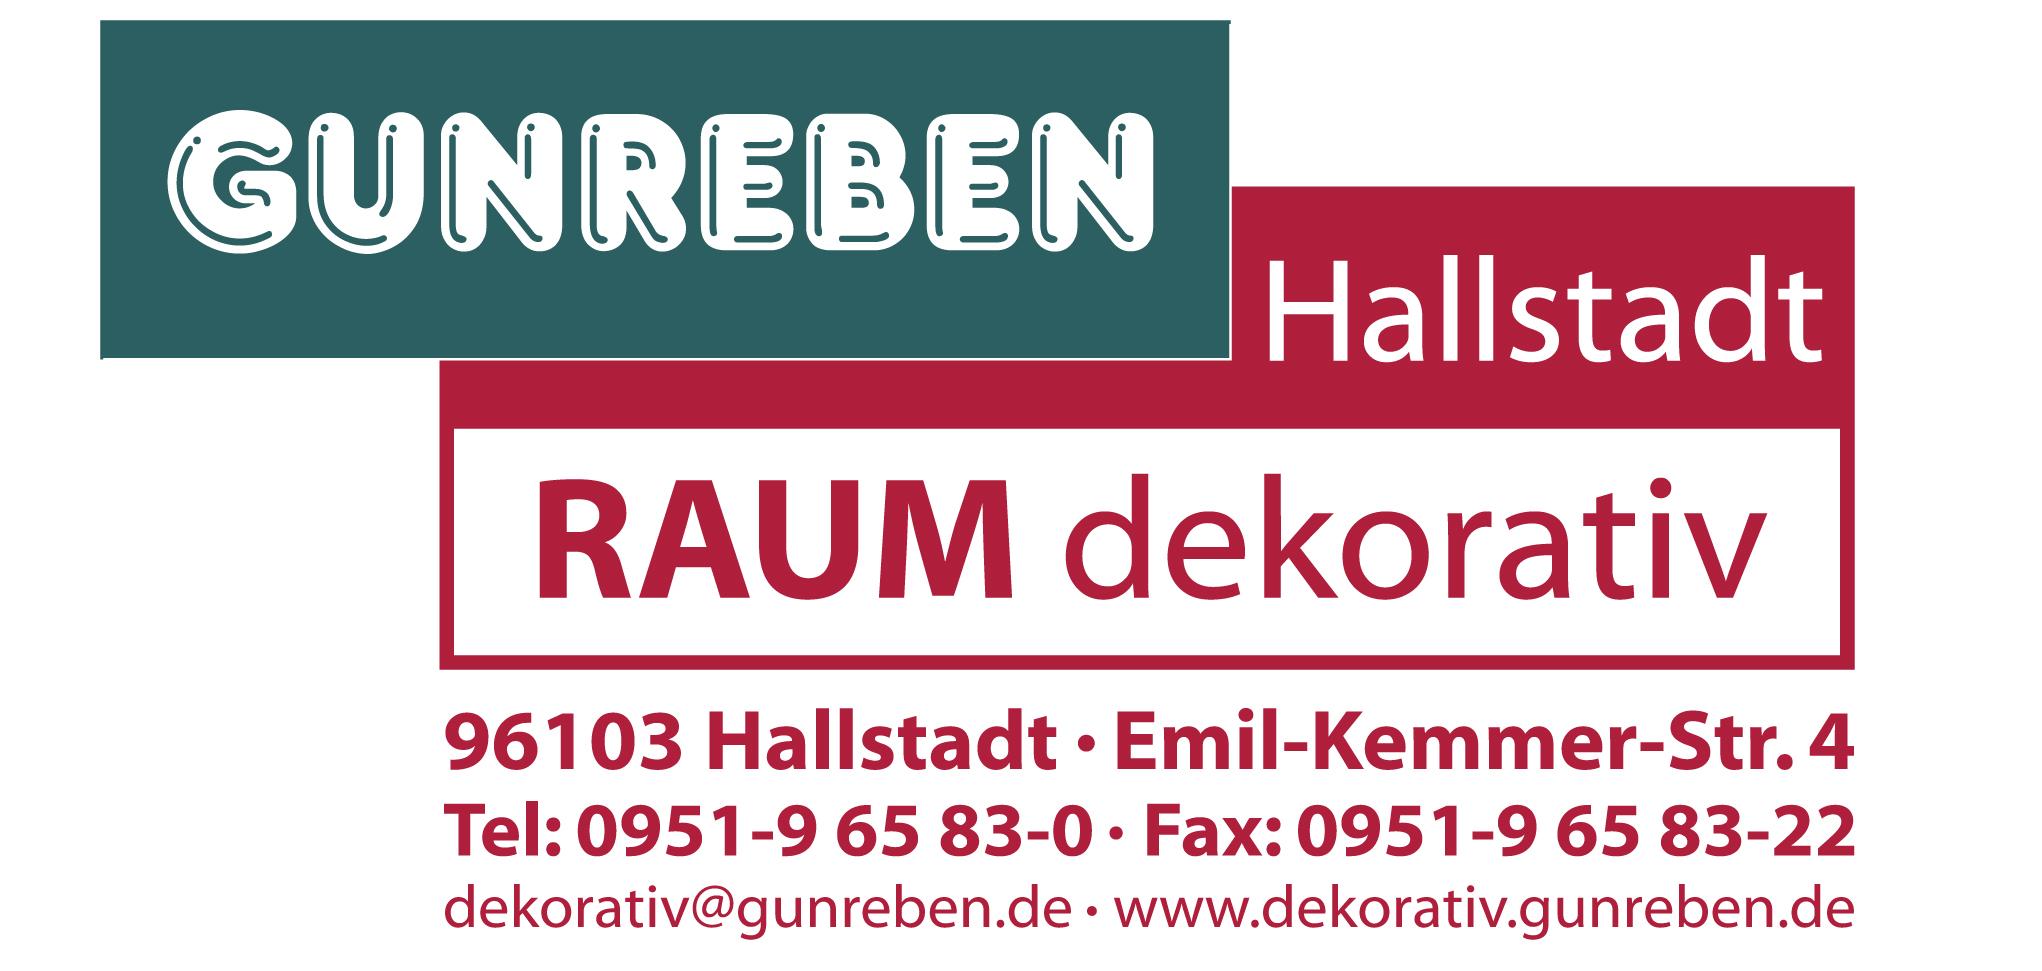 Logo Hallstadt 07-2015 vers_07.cdr